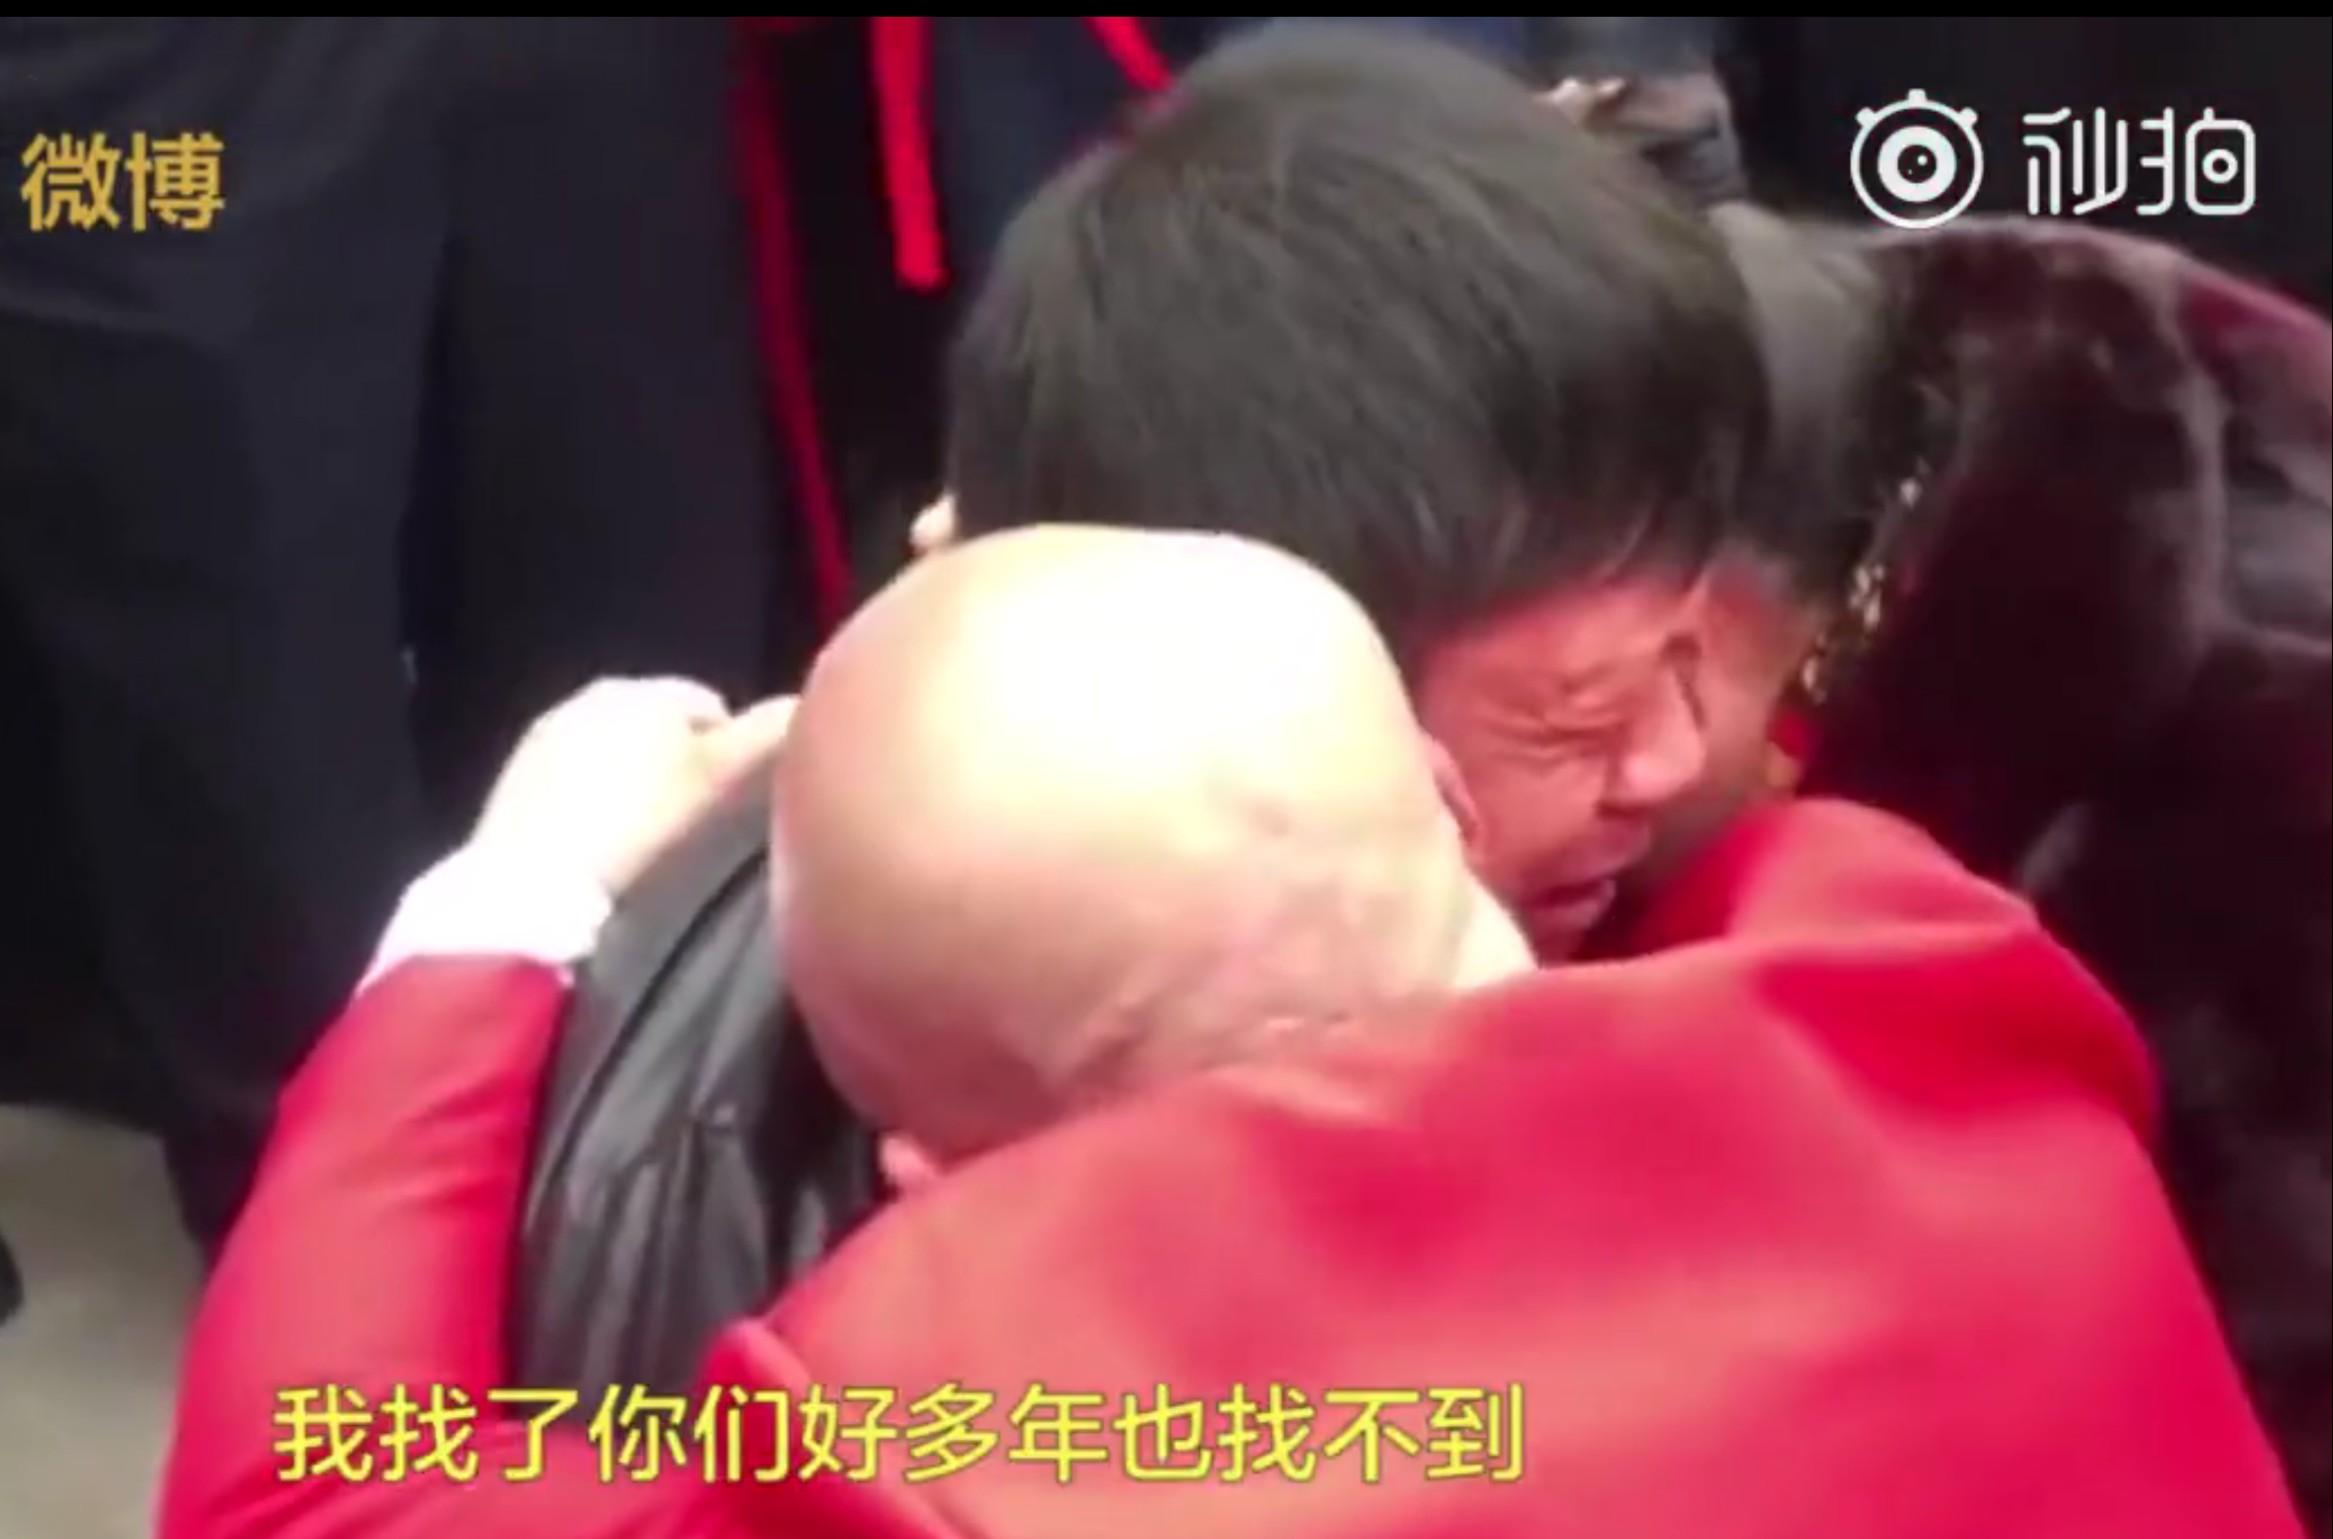 Chinese student Lu Wanzhen found alive after violent stun